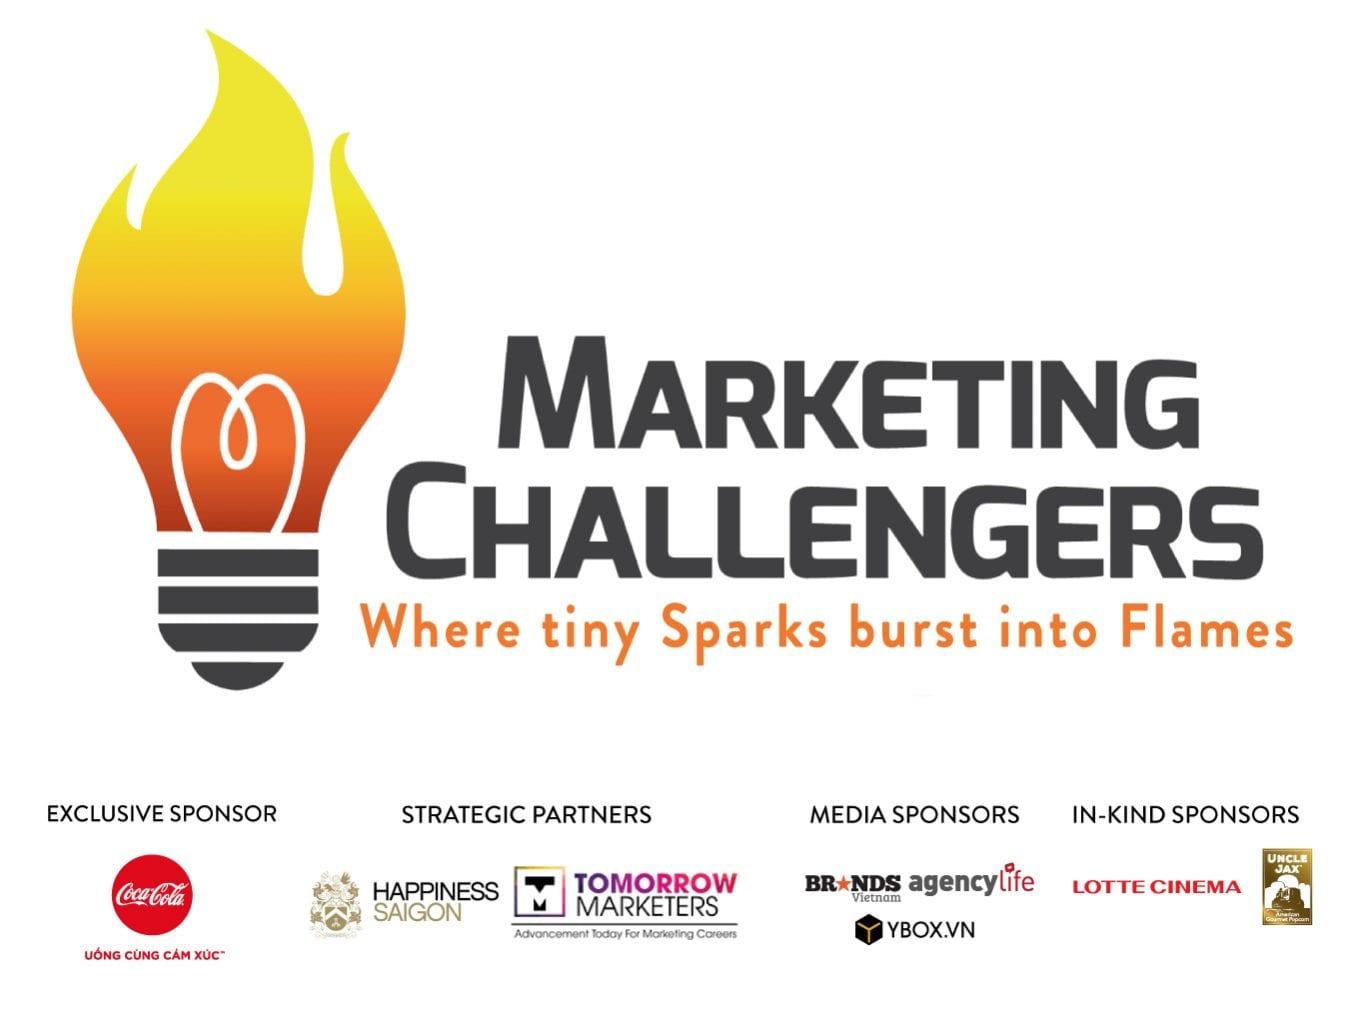 Hình ảnh logo các nhà tại trợ và thương hiệu lâu dài của Marketing Challengers 2016